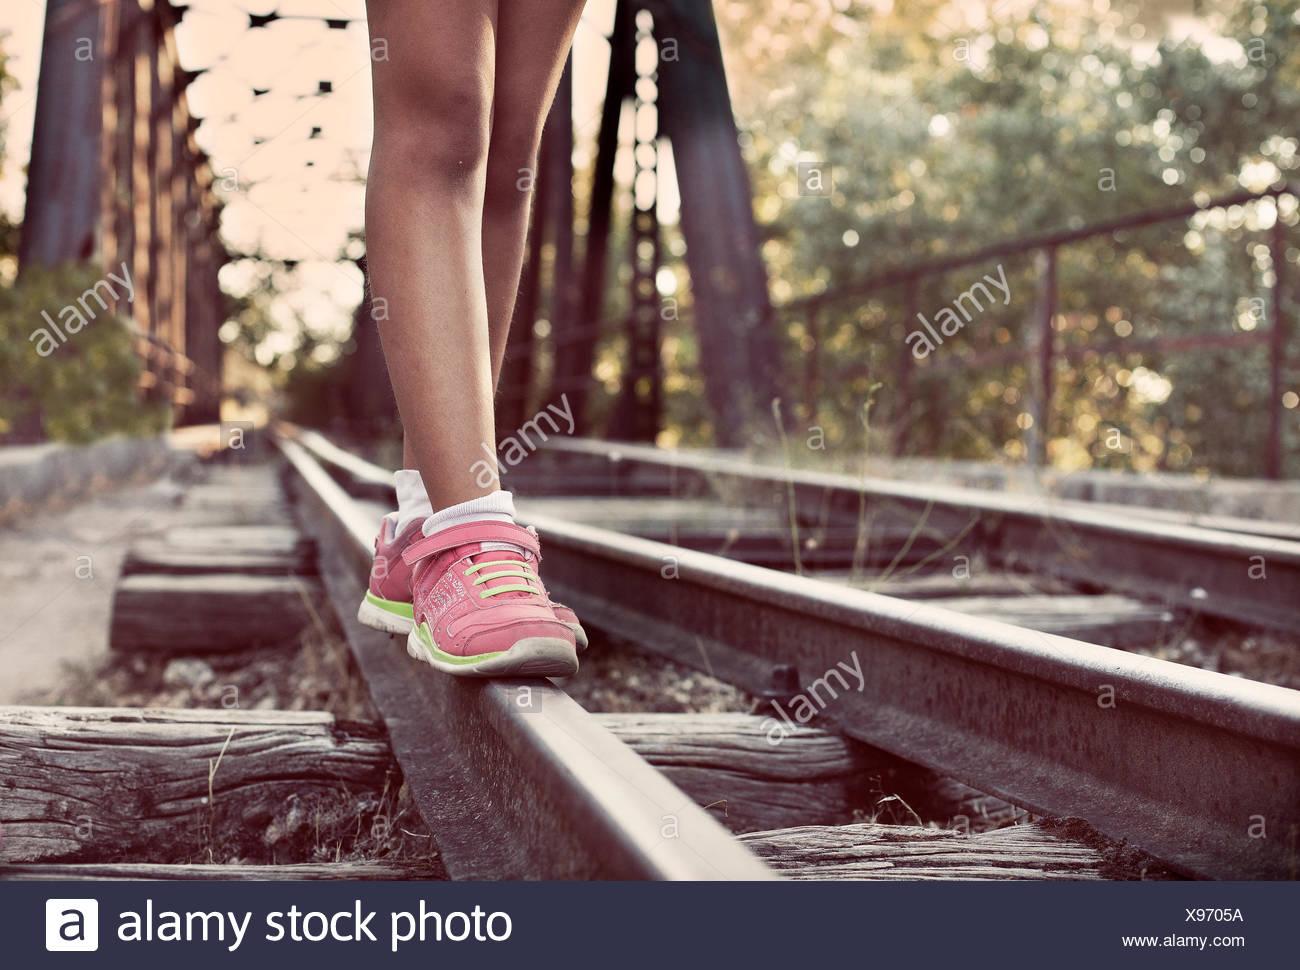 Close-up of woman's legs à marcher le long des voies ferrées Photo Stock